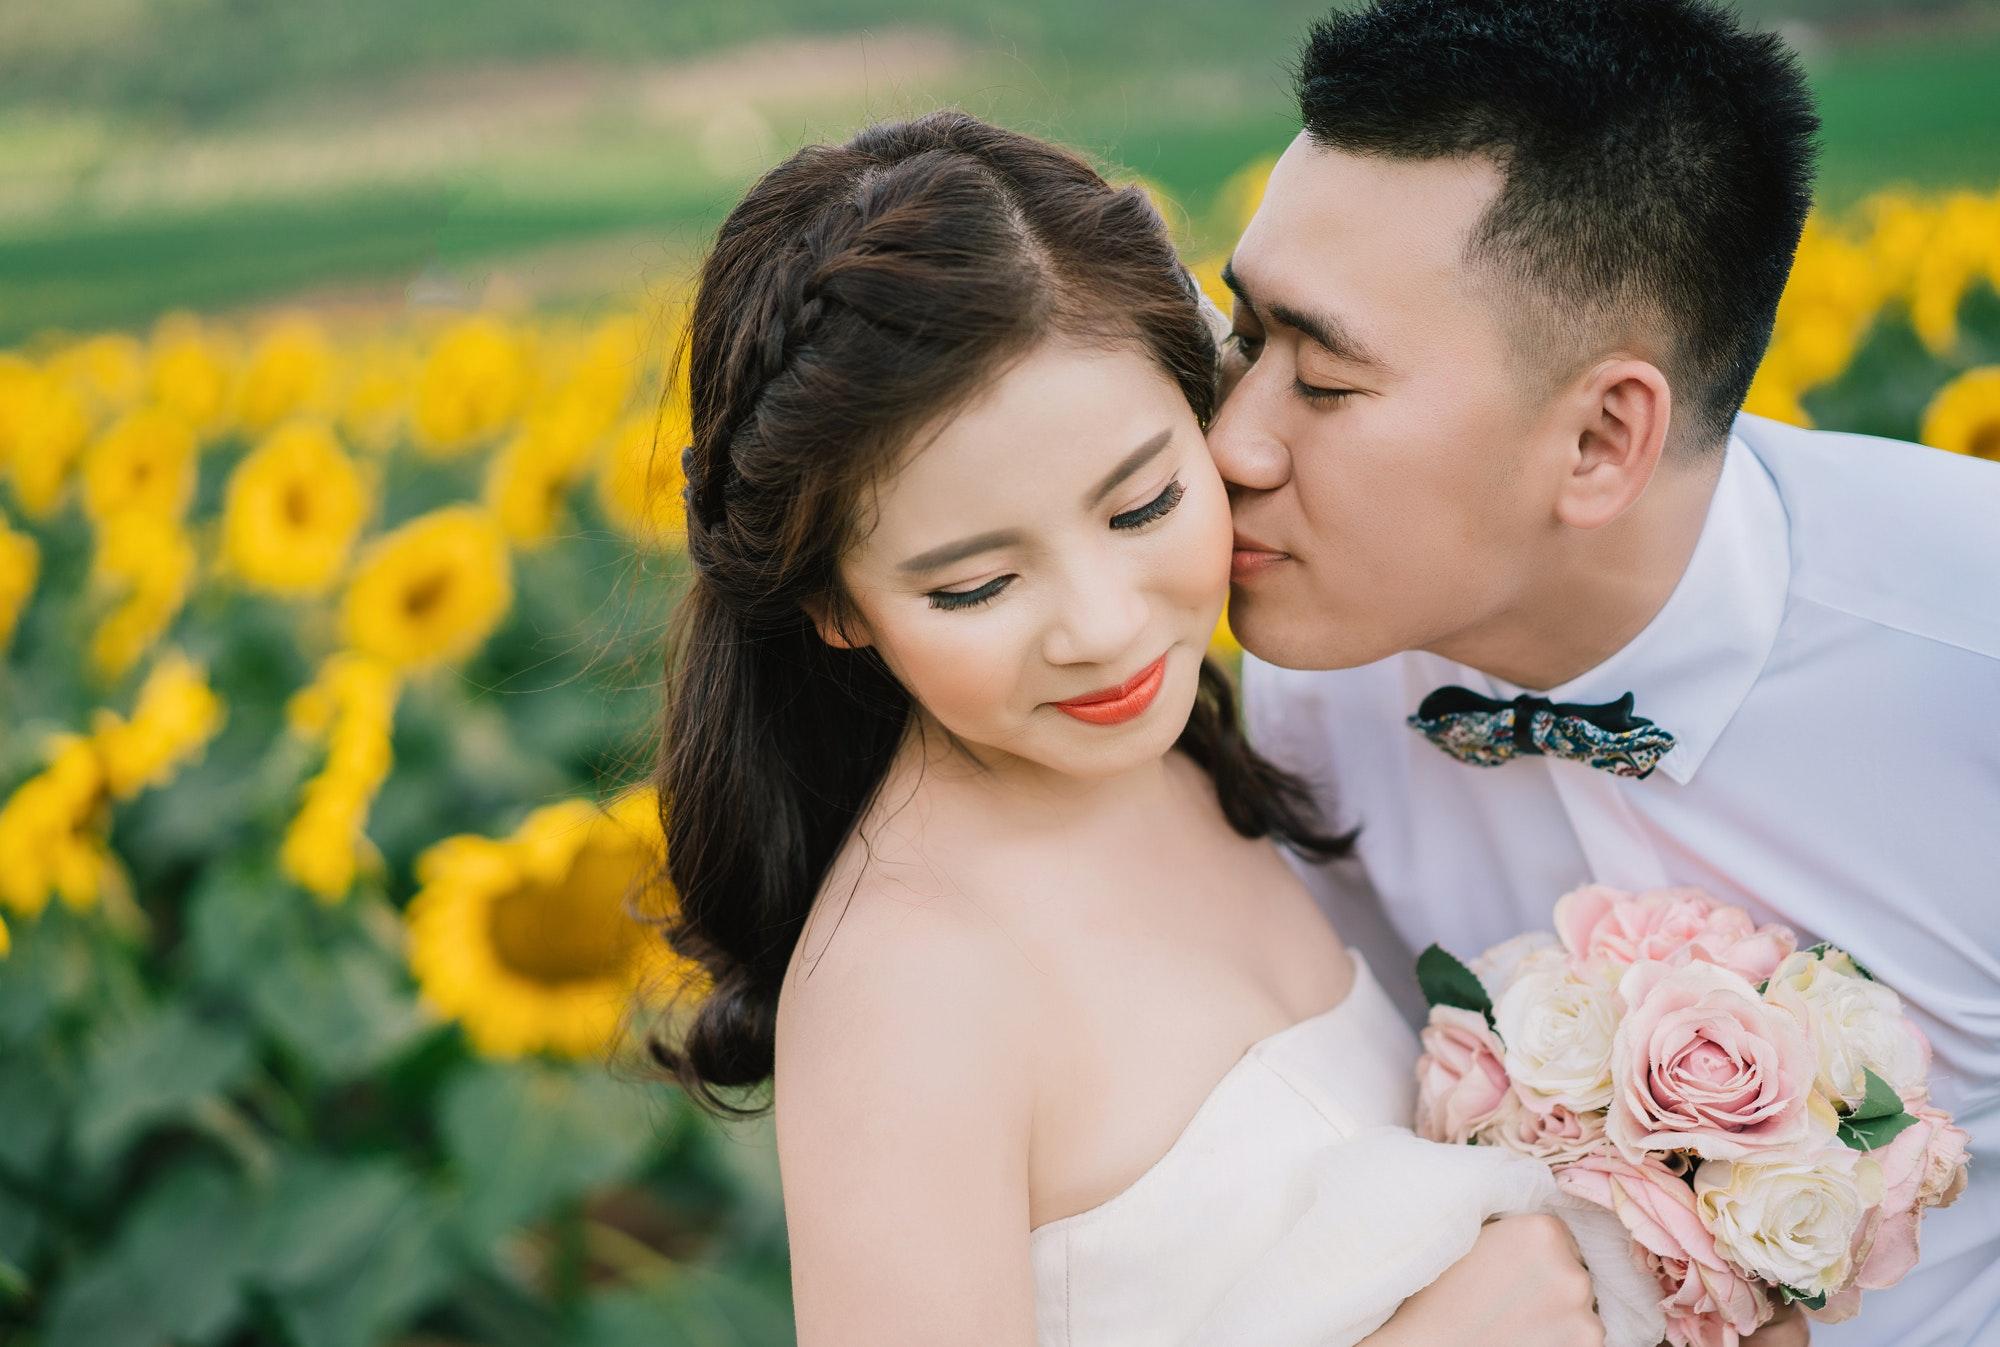 A groom kisses a brides cheek